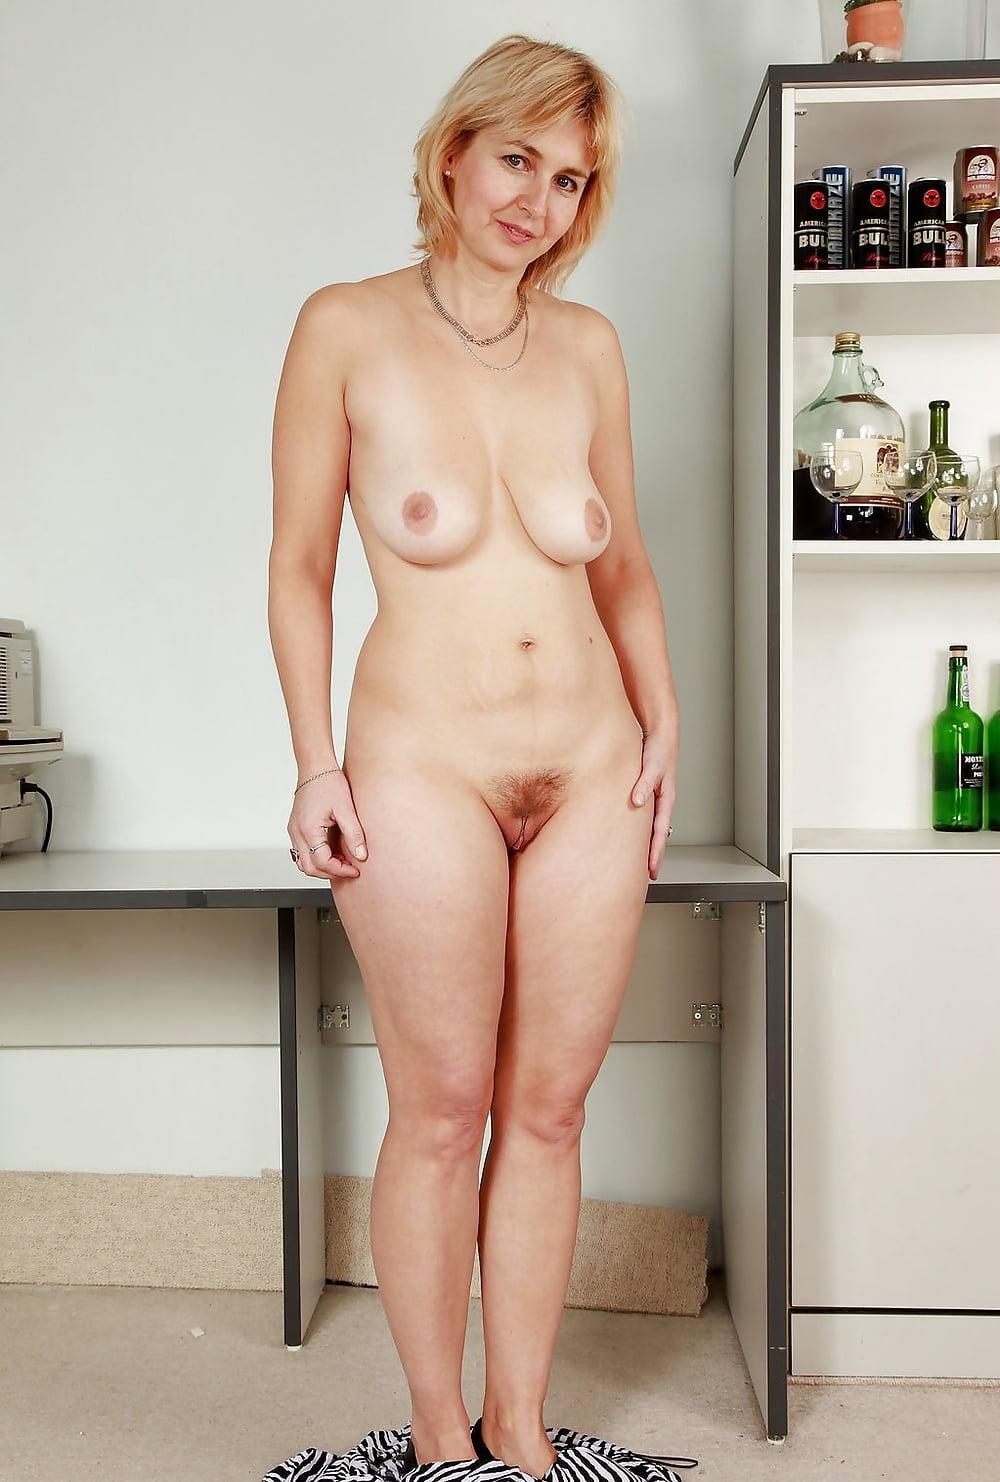 Milf shy naked